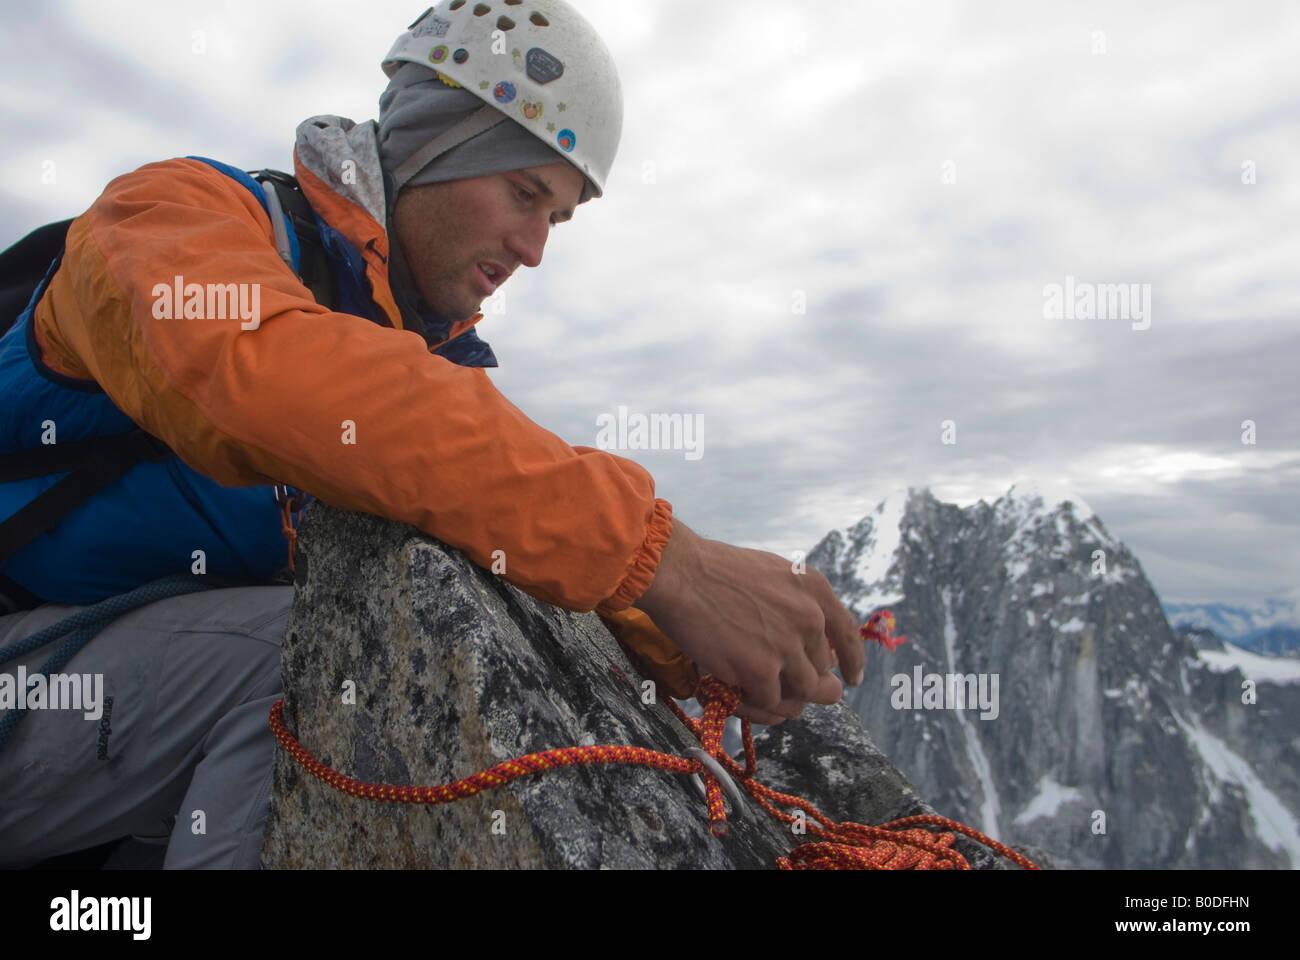 Climber building a rappel anchor on a rock horn near the